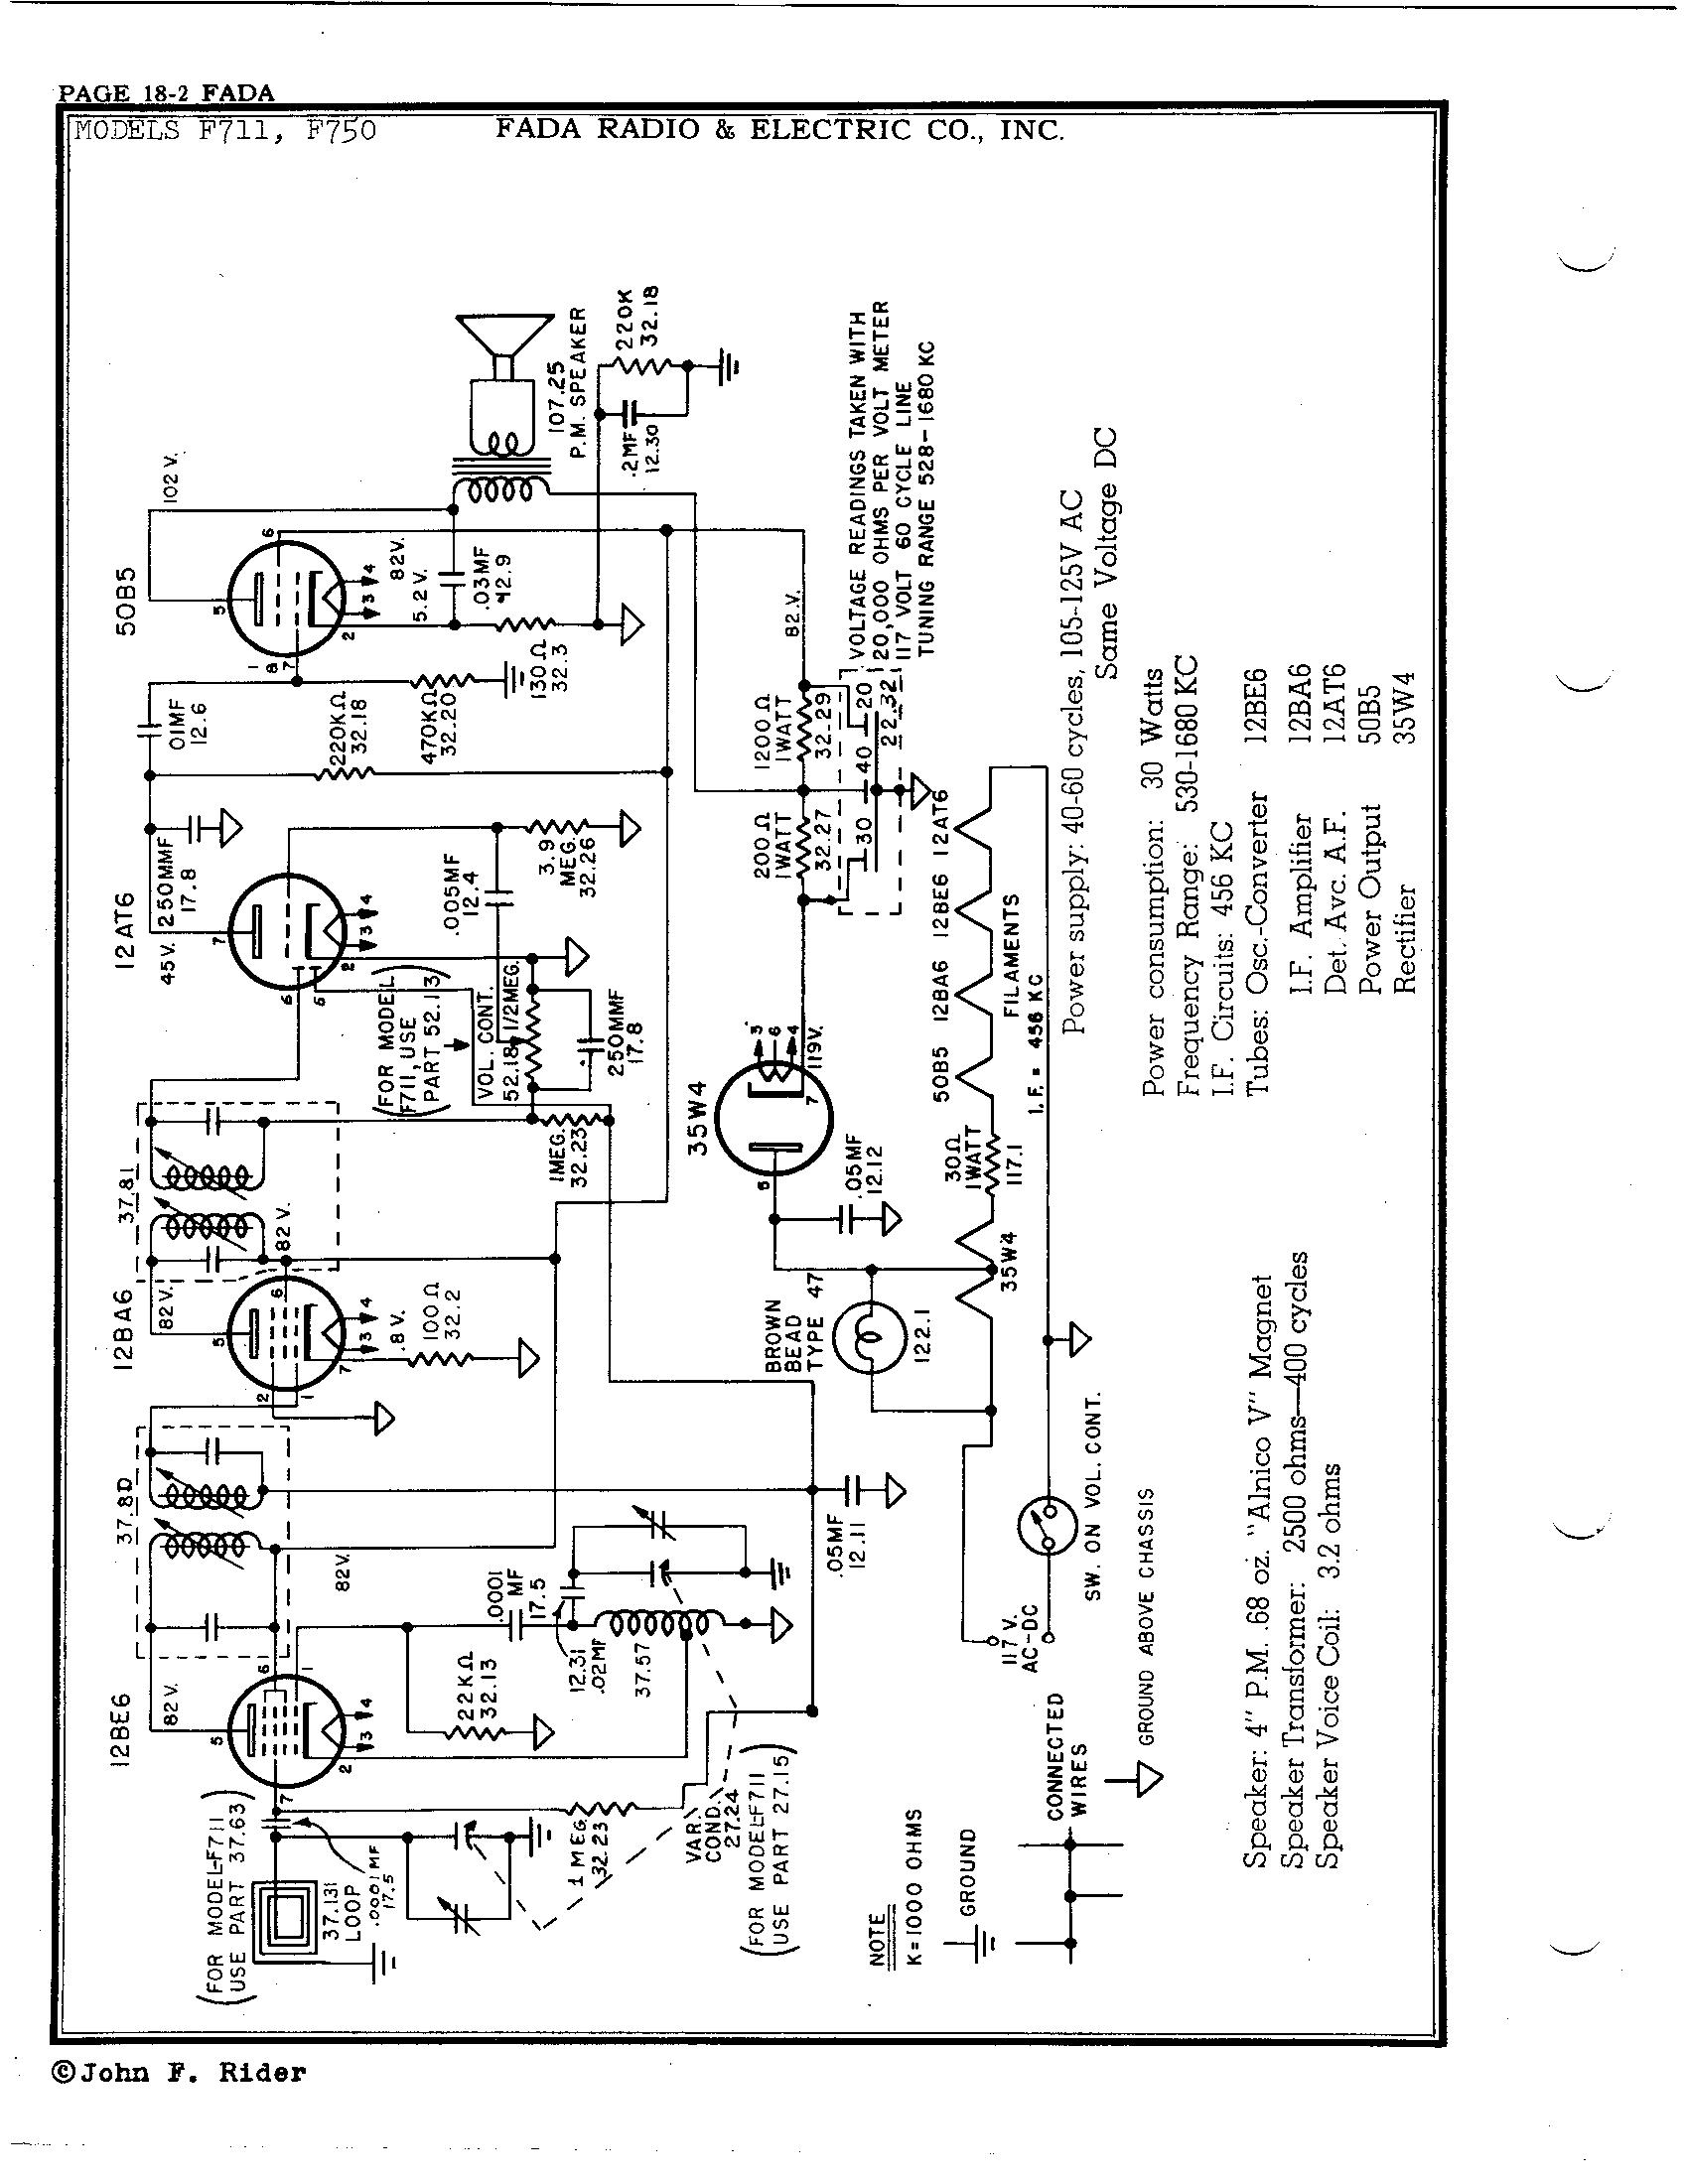 Fada Radio Amp Electric Co Inc F750